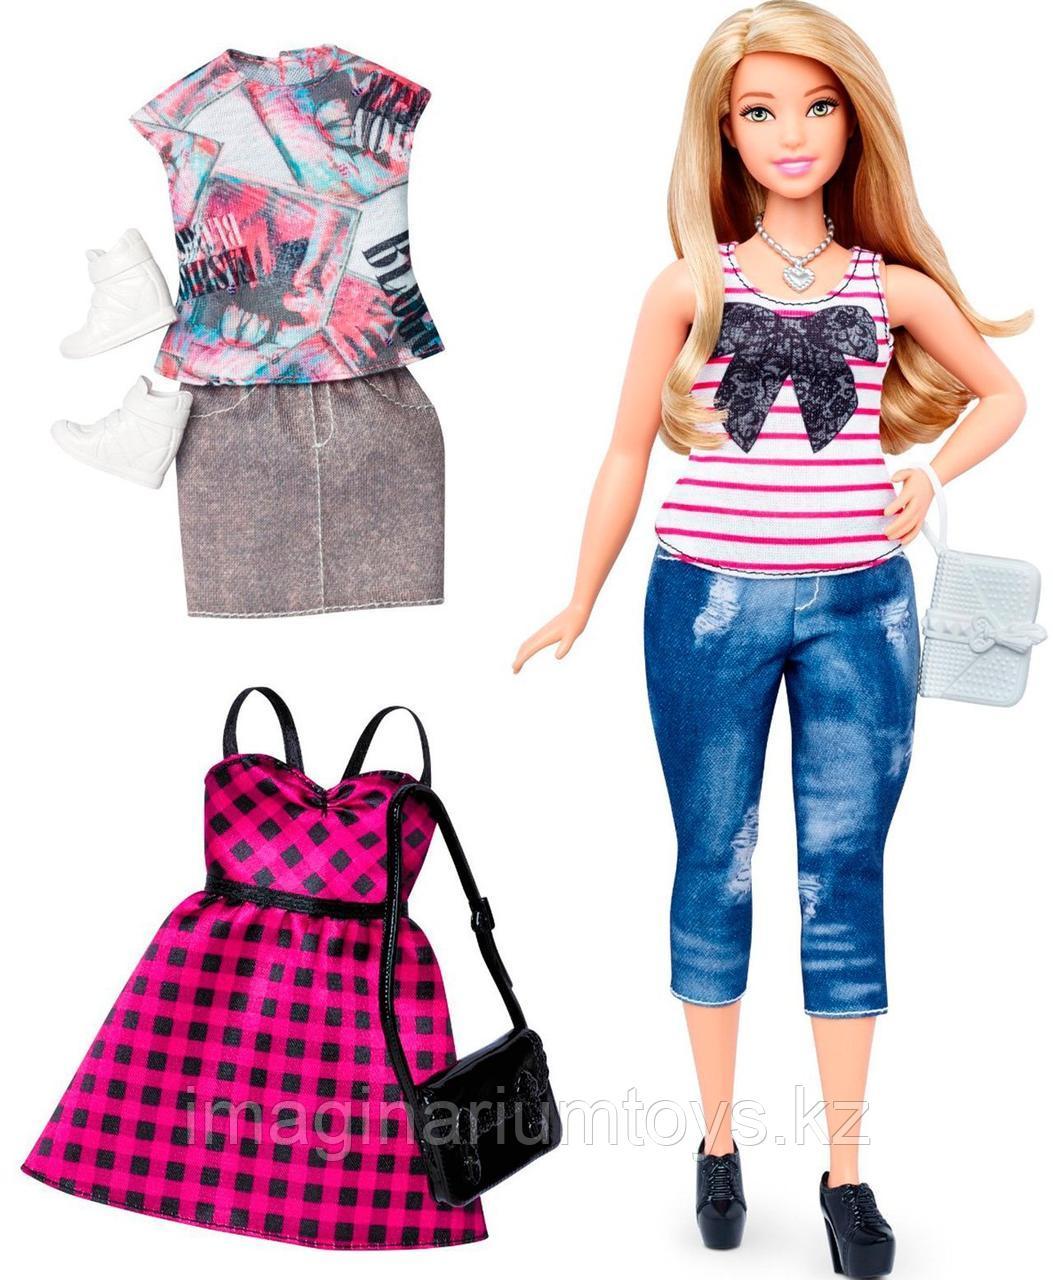 Кукла Барби модница с комплектом одежды пышная